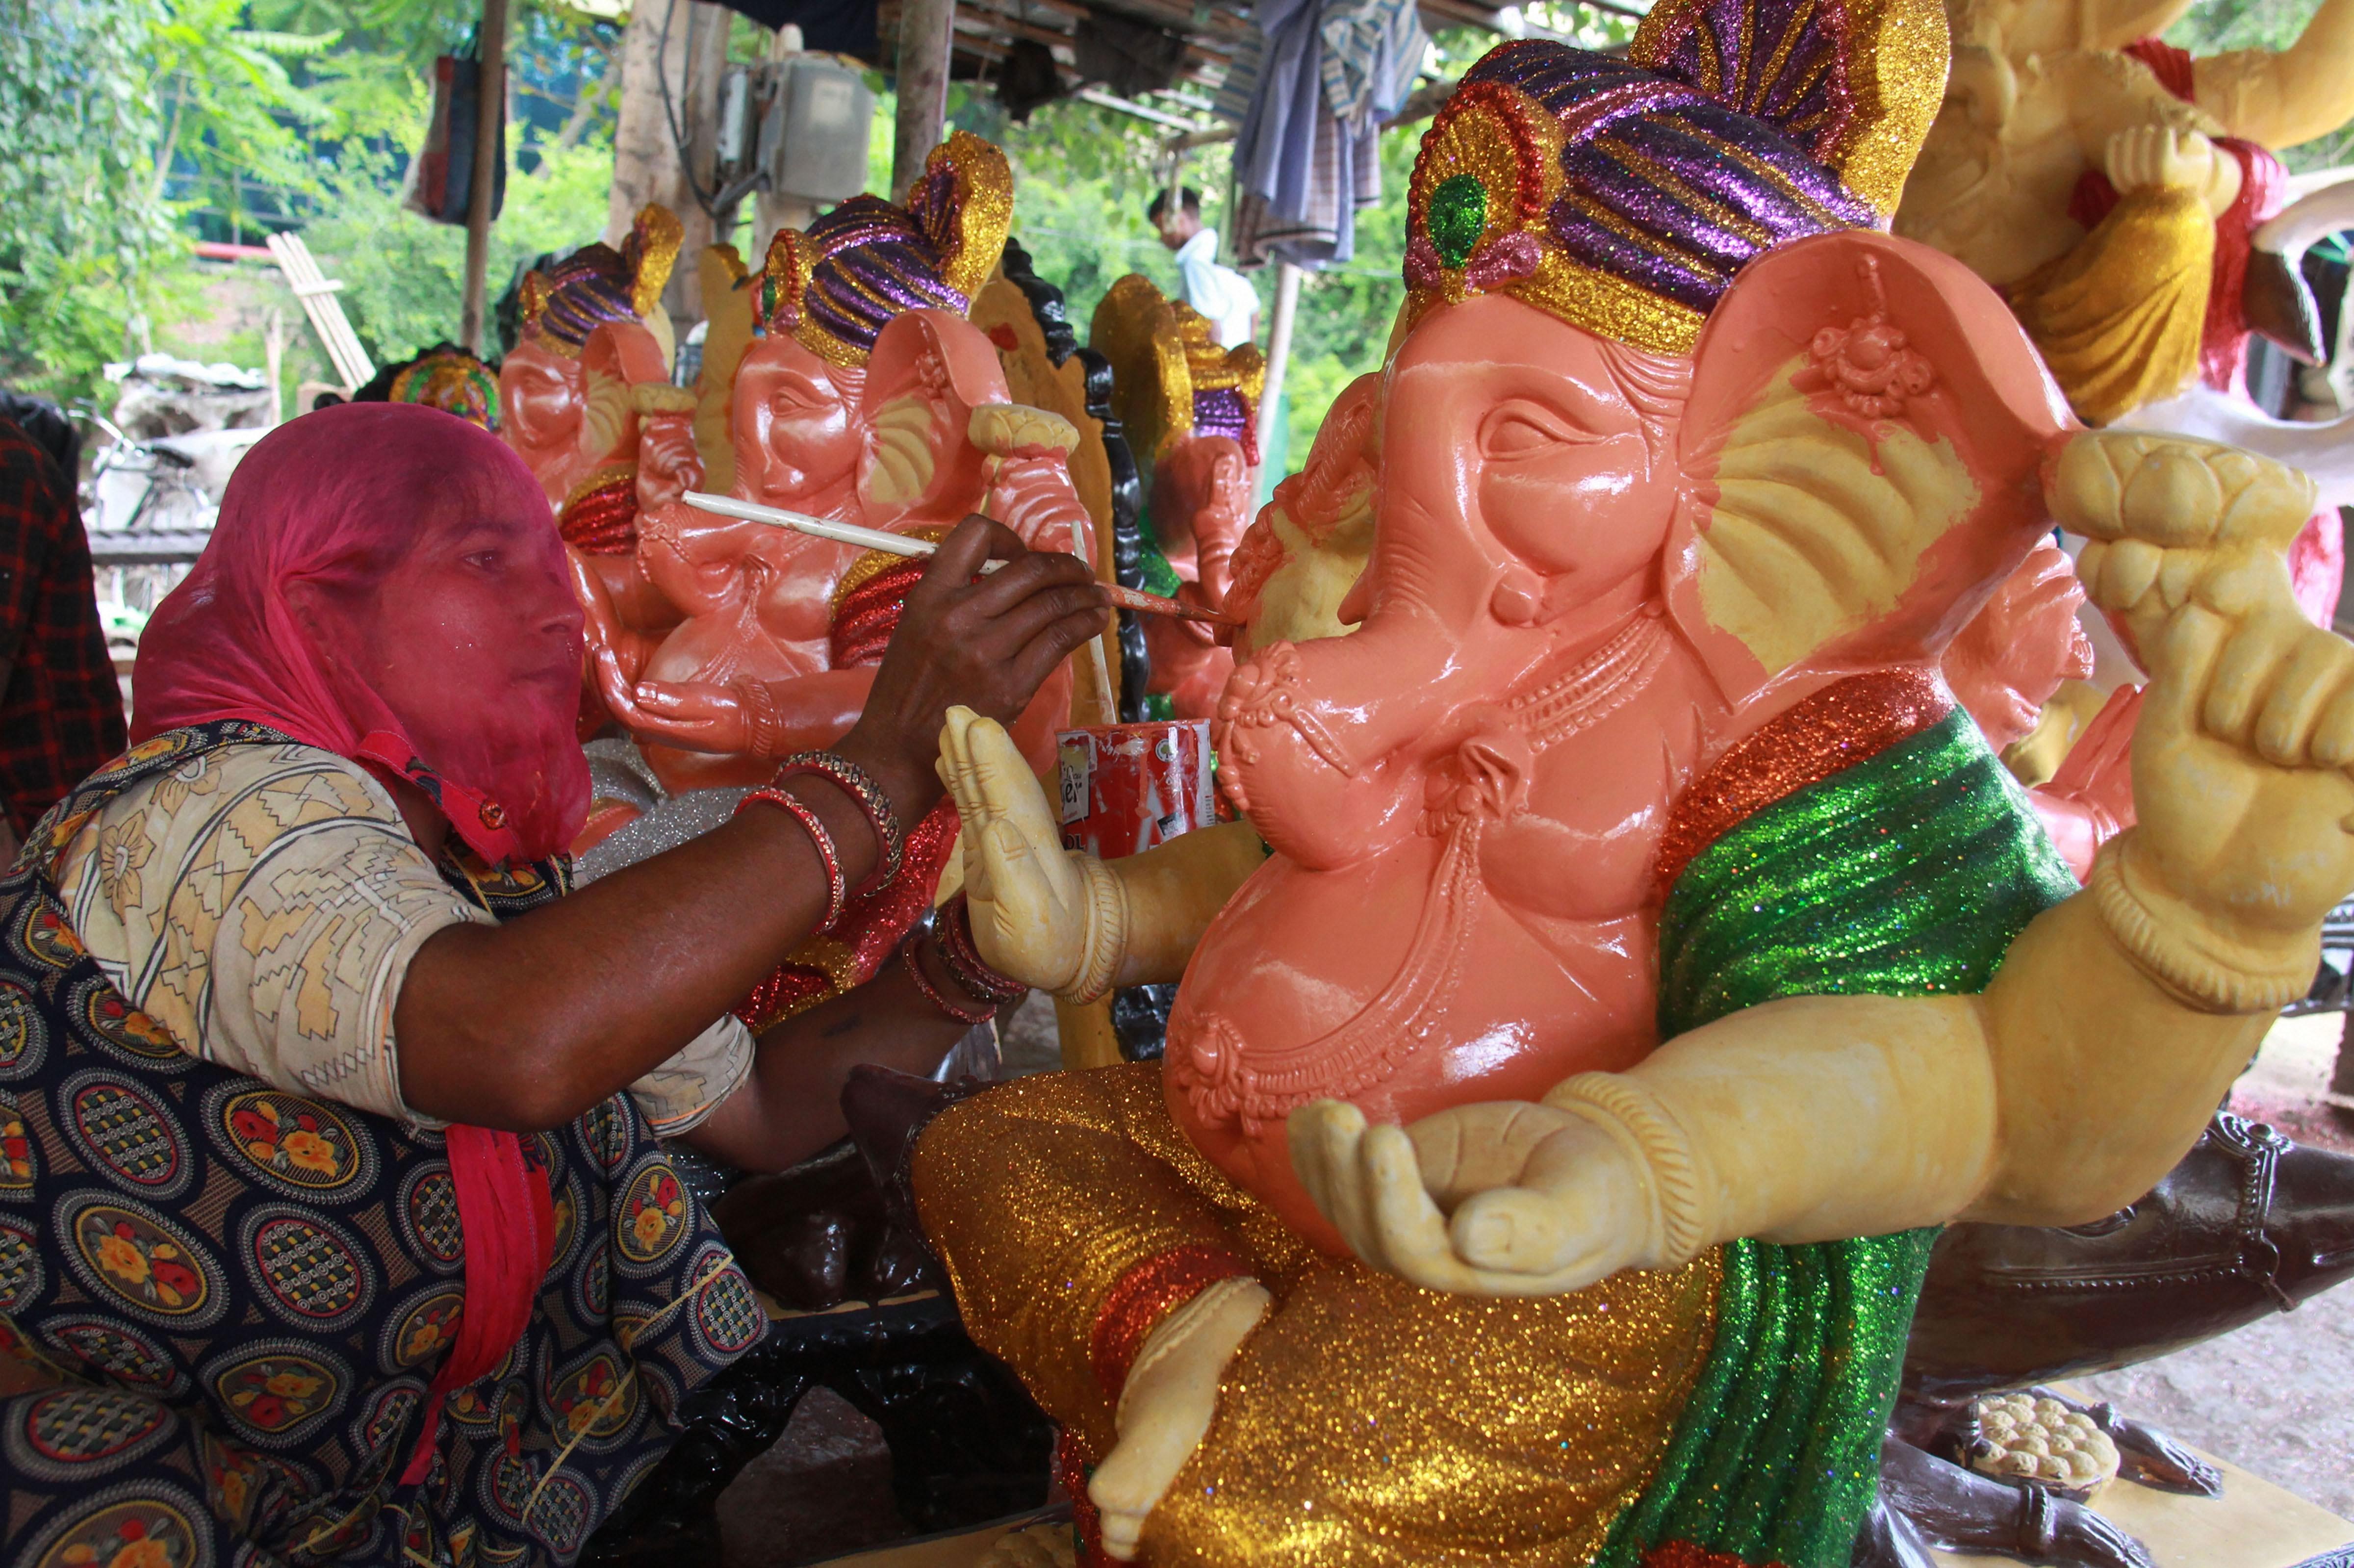 সারা ভারত জুড়ে লাল নীল রঙে সেজে উঠছে গণেশ মূর্তি, প্রস্তুতি তুঙ্গে দেখুন  ছবি